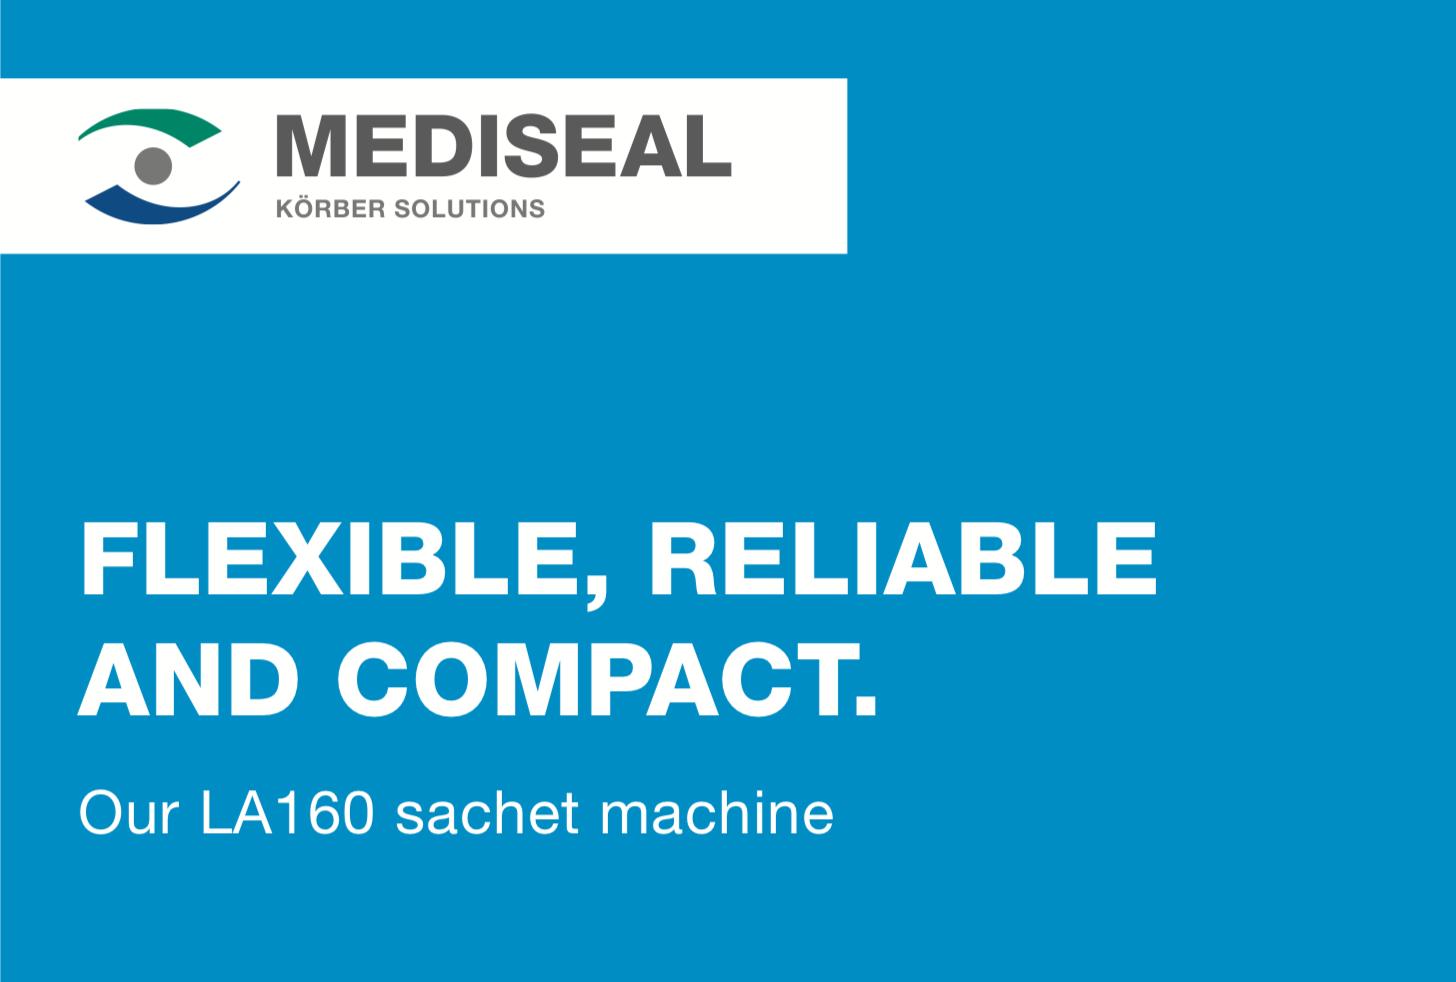 la160_sachet_machine_en